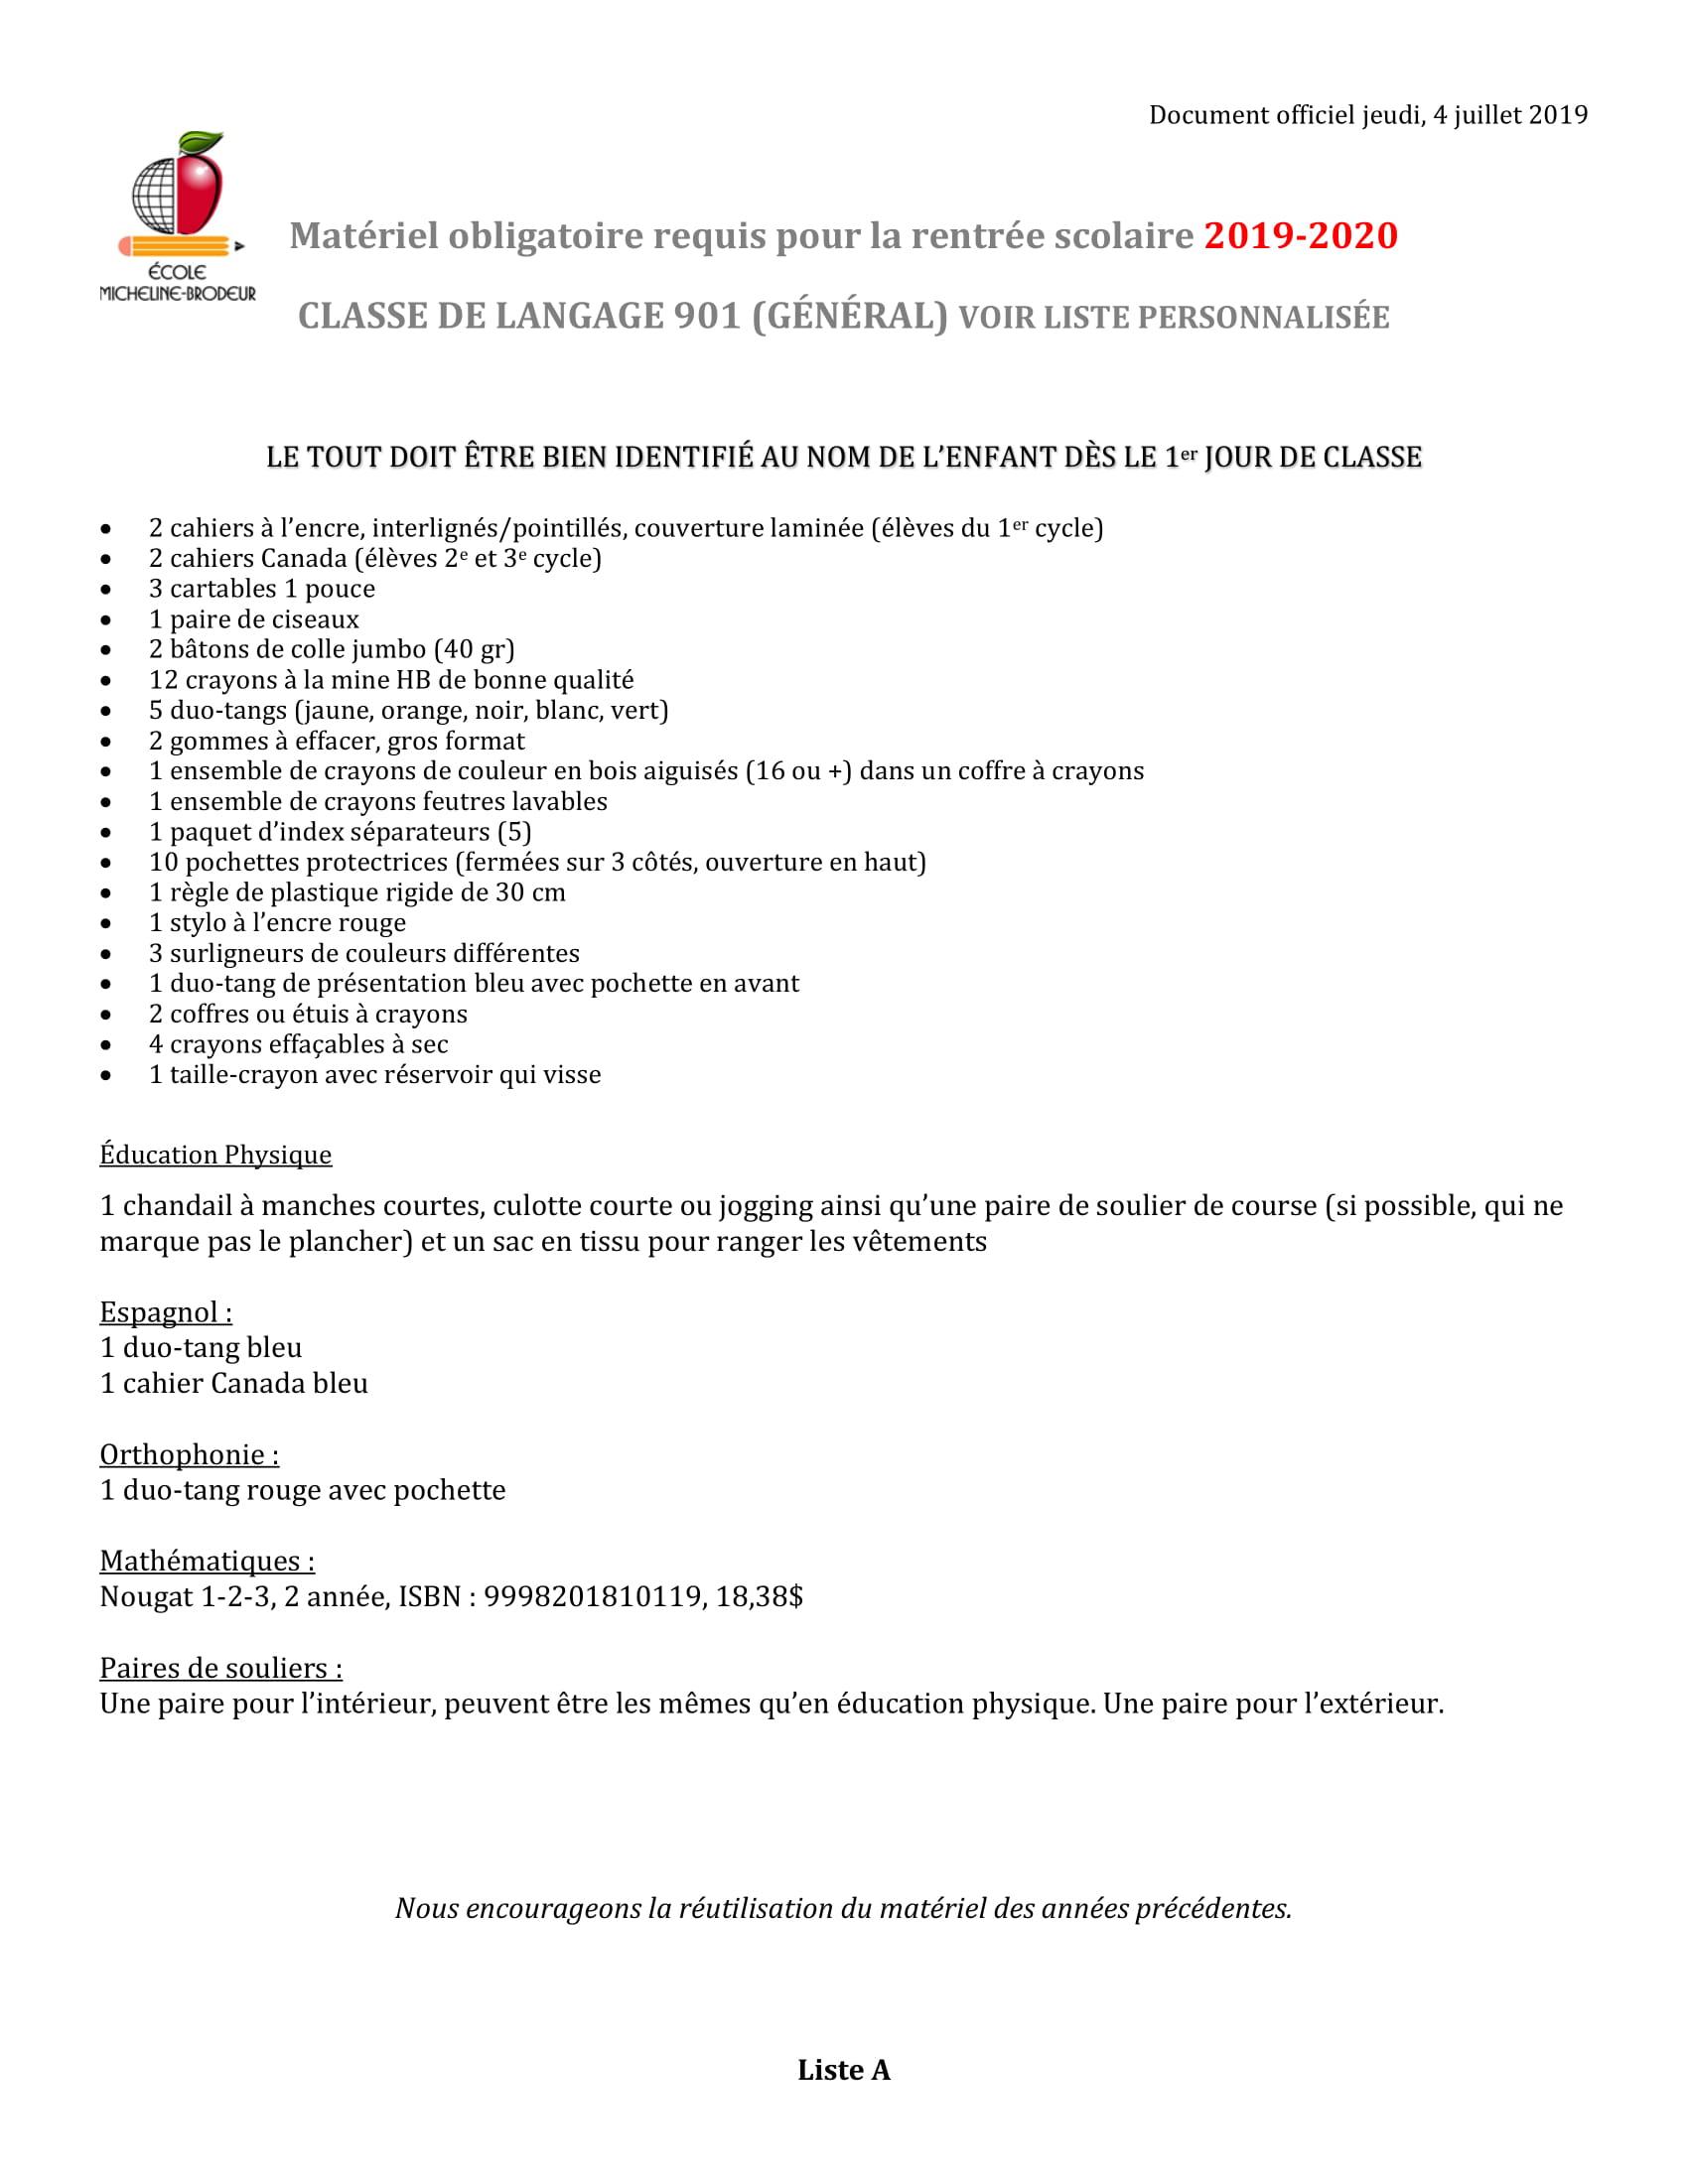 Liste A 2019-2020 pdf-01.jpg